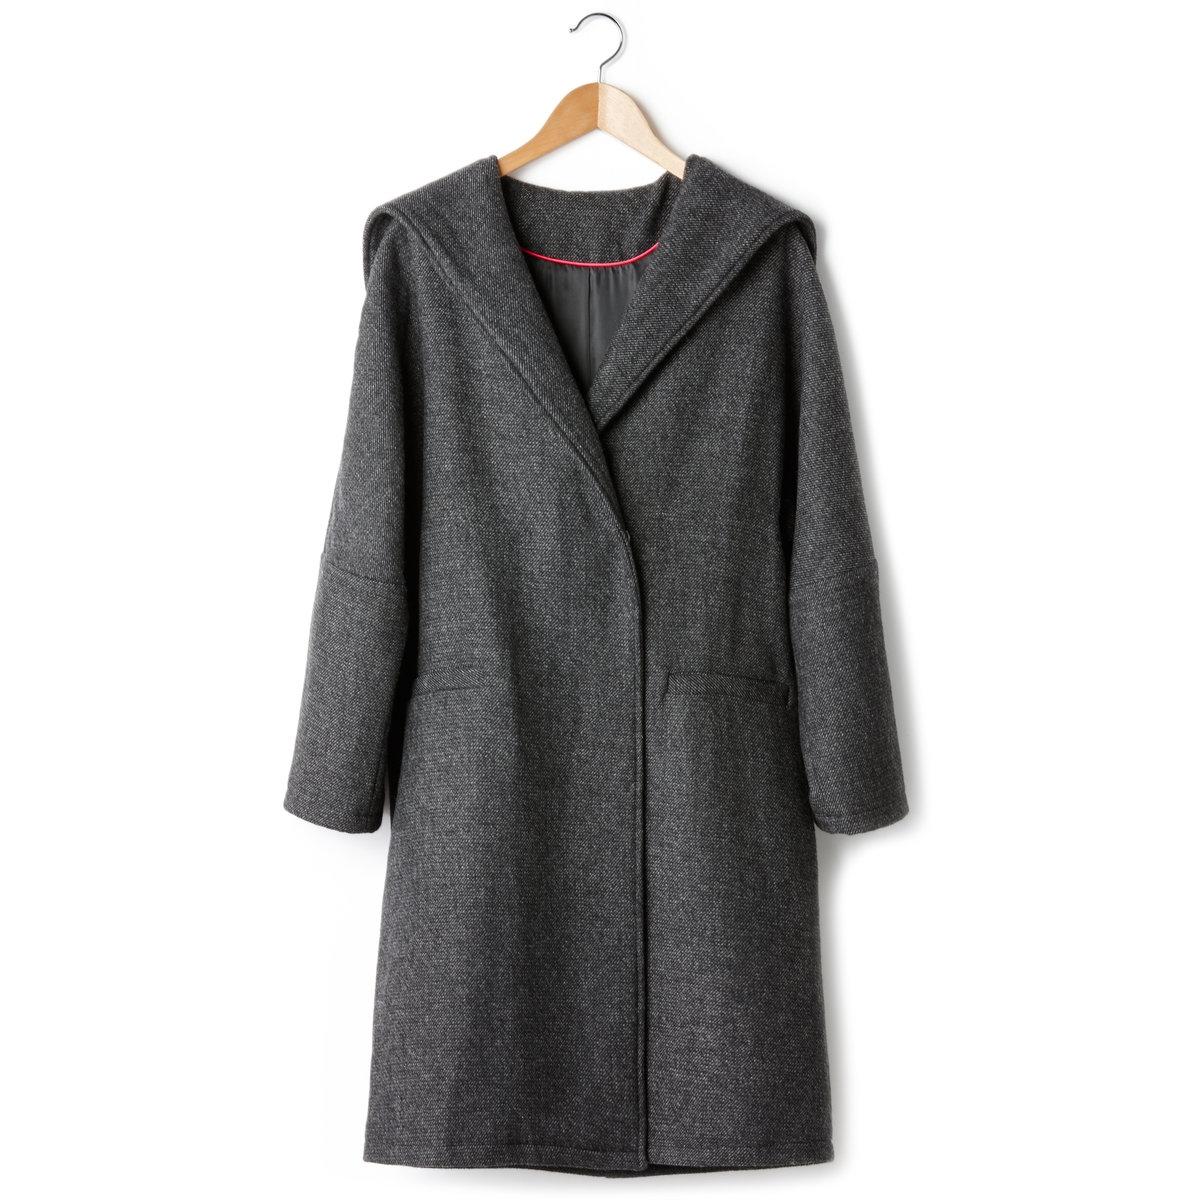 Пальто-кокон с капюшономДлинное пальто-кокон с капюшоном. 2 кармана спереди. Застежка на пуговицу и кнопку.  57% полиэстера, 38% шерсти, 5% других волокон, подкладка: 100% полиэстера. Длина 90 см.<br><br>Цвет: черный<br>Размер: 34 (FR) - 40 (RUS).38 (FR) - 44 (RUS)